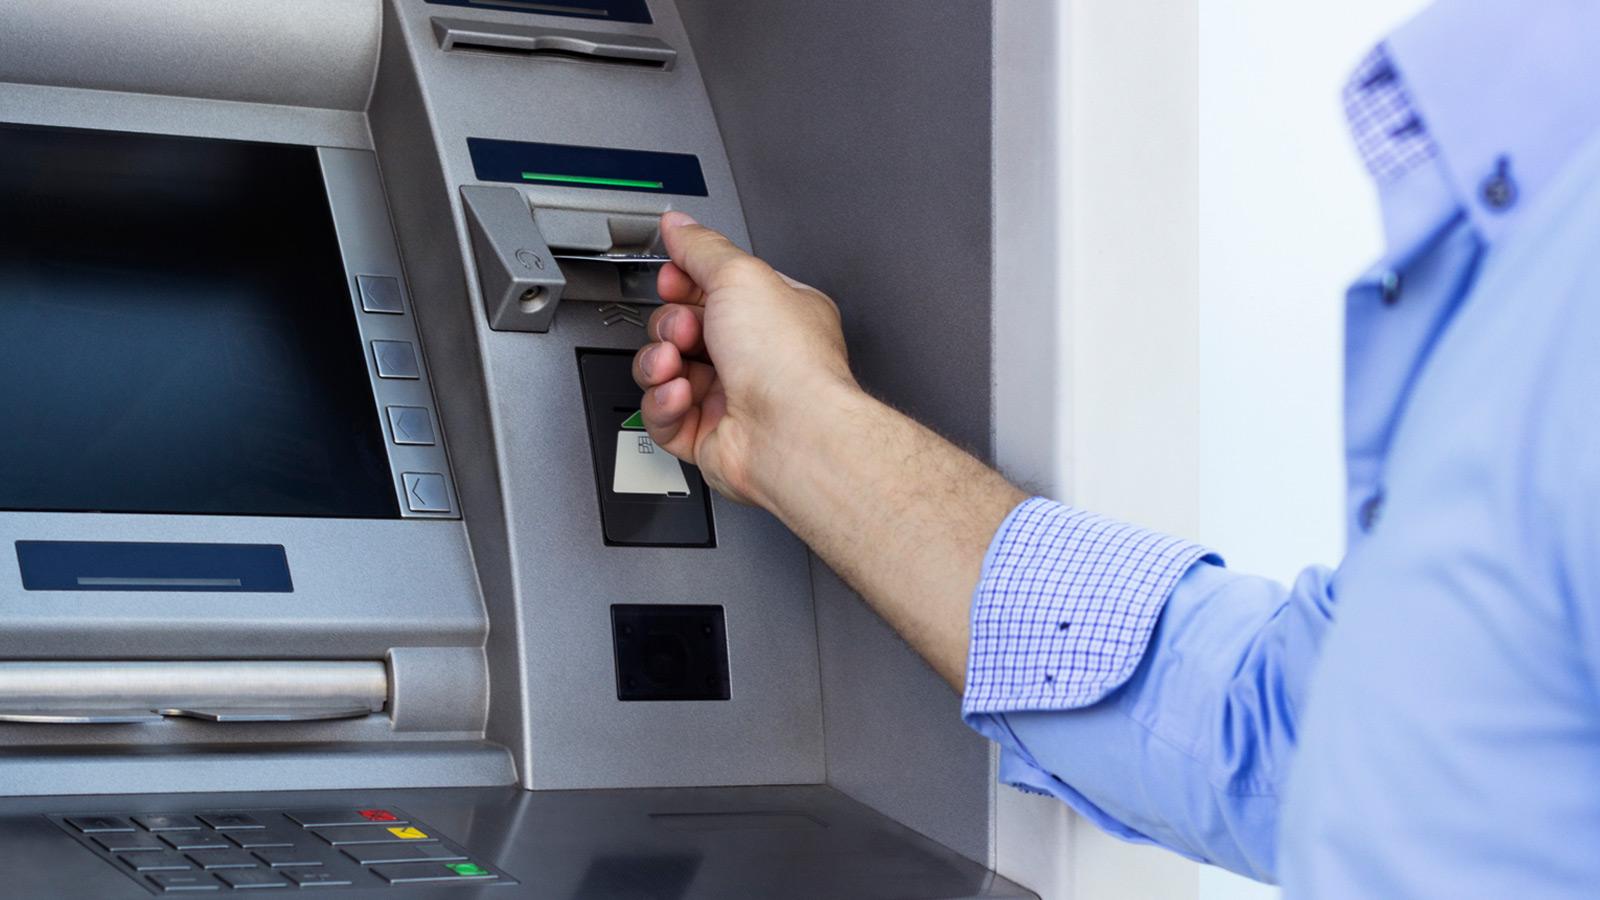 O Deutsche Bank é o que tem o cartão de débito mais caro: custa 26 euros por ano. Em bancos como o ActivoBank e o Banco CTT, os cartões Multibanco continuam a ser gratuitos.